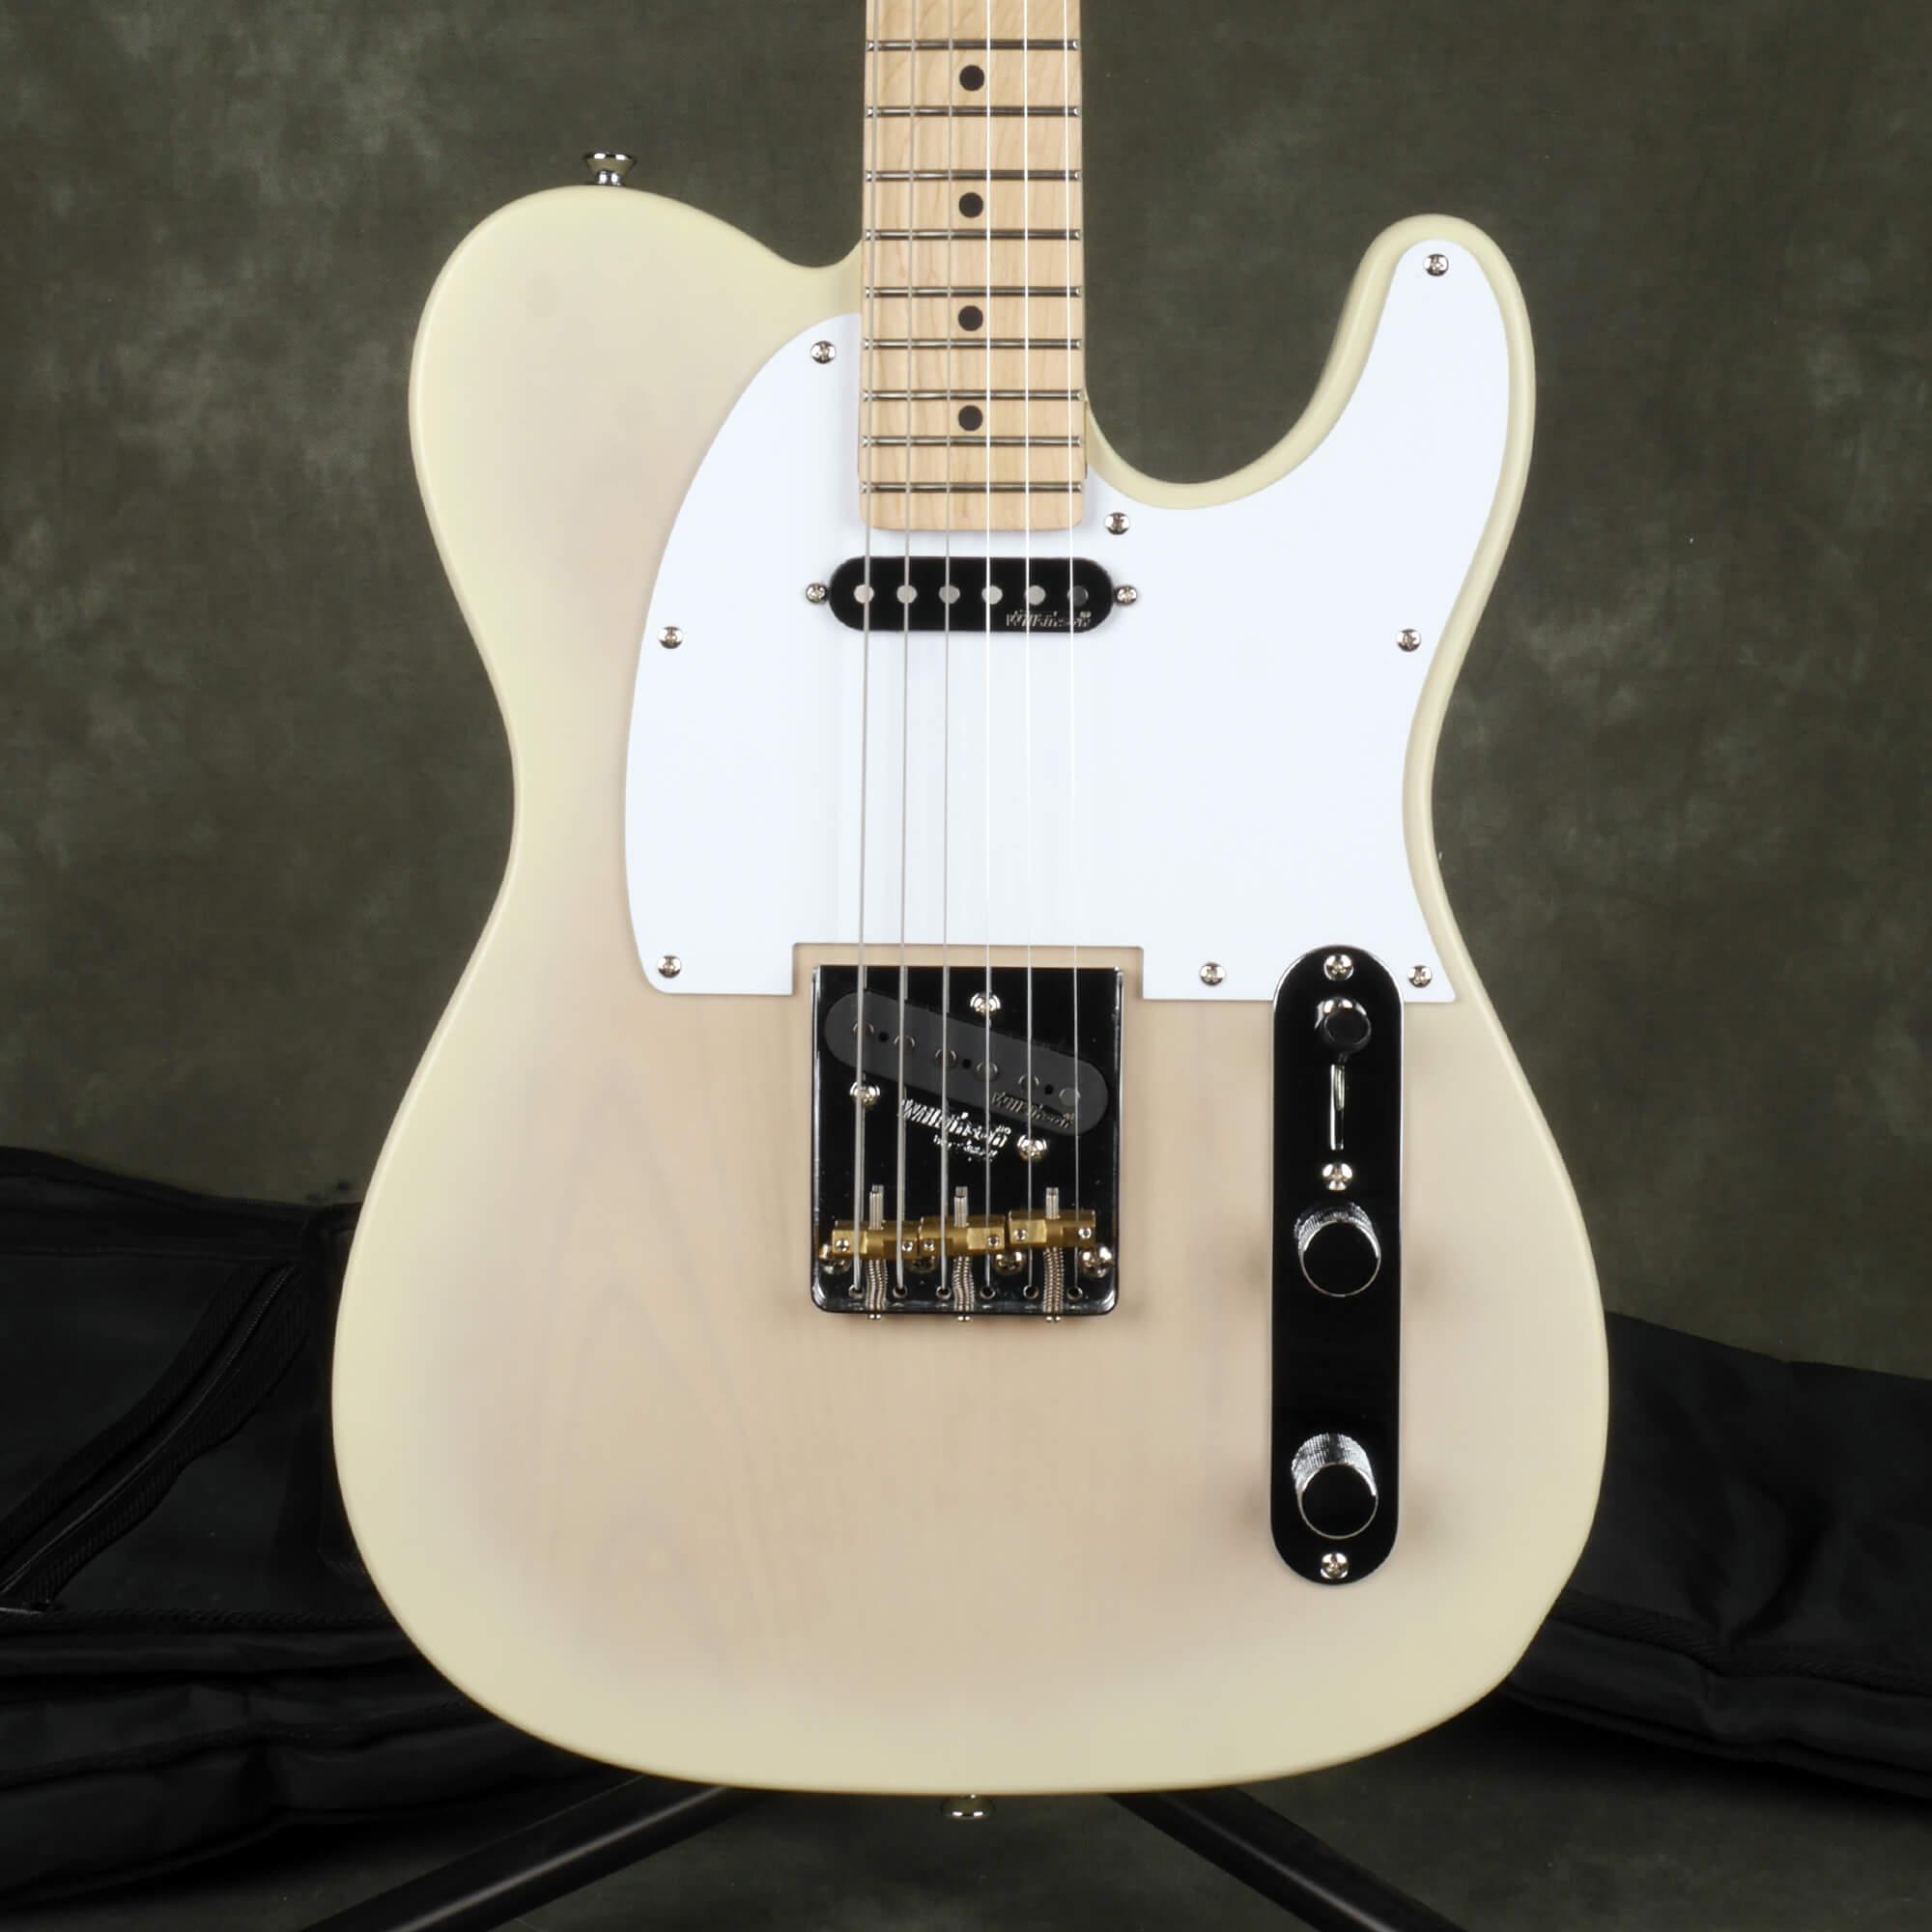 Vintage guitars V58JD - Vintage White w/Gig Bag - 2nd Hand